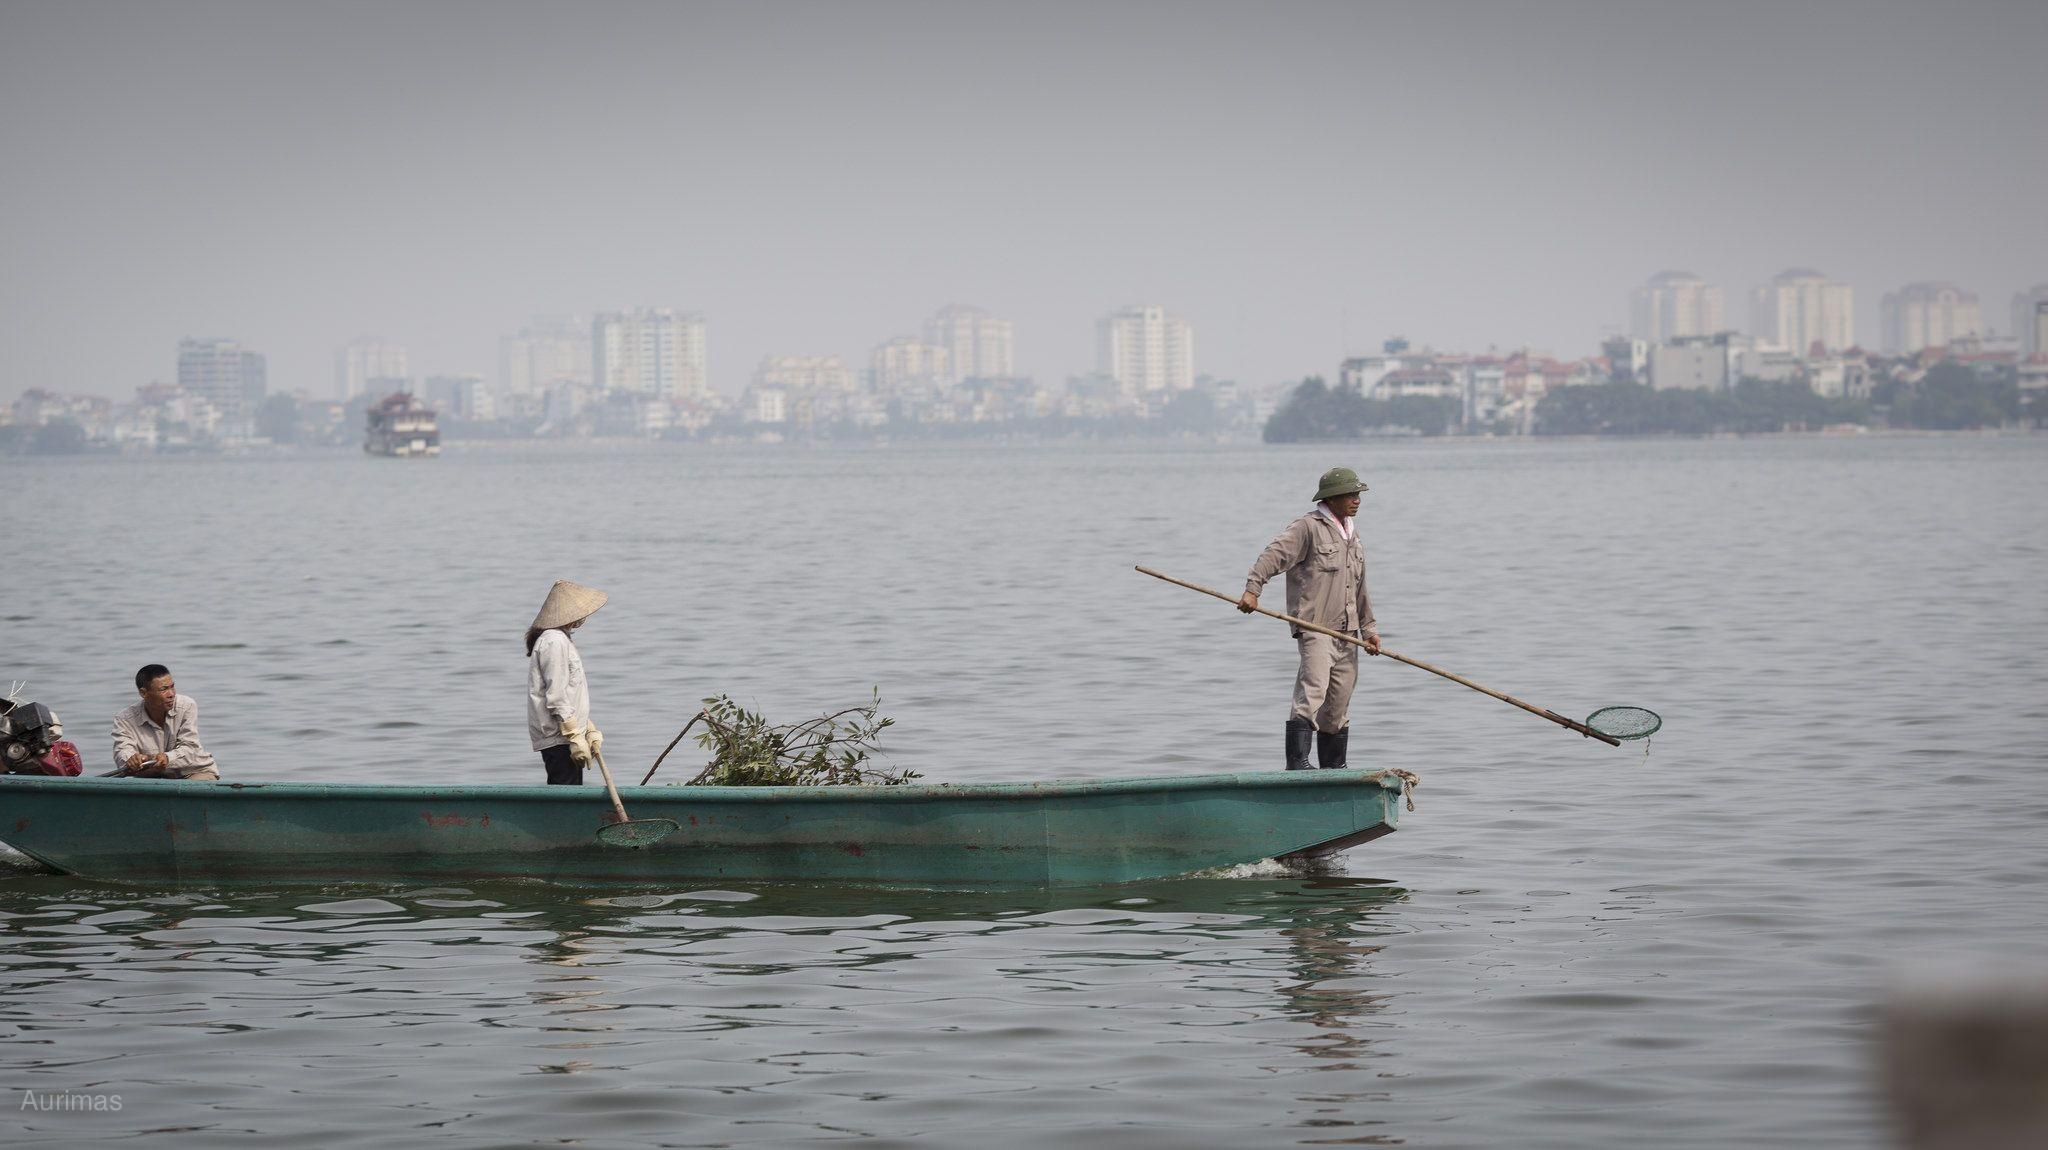 超值北越雙龍灣、越南國寶水上木偶戲、長安生態探秘5日《含稅簽》